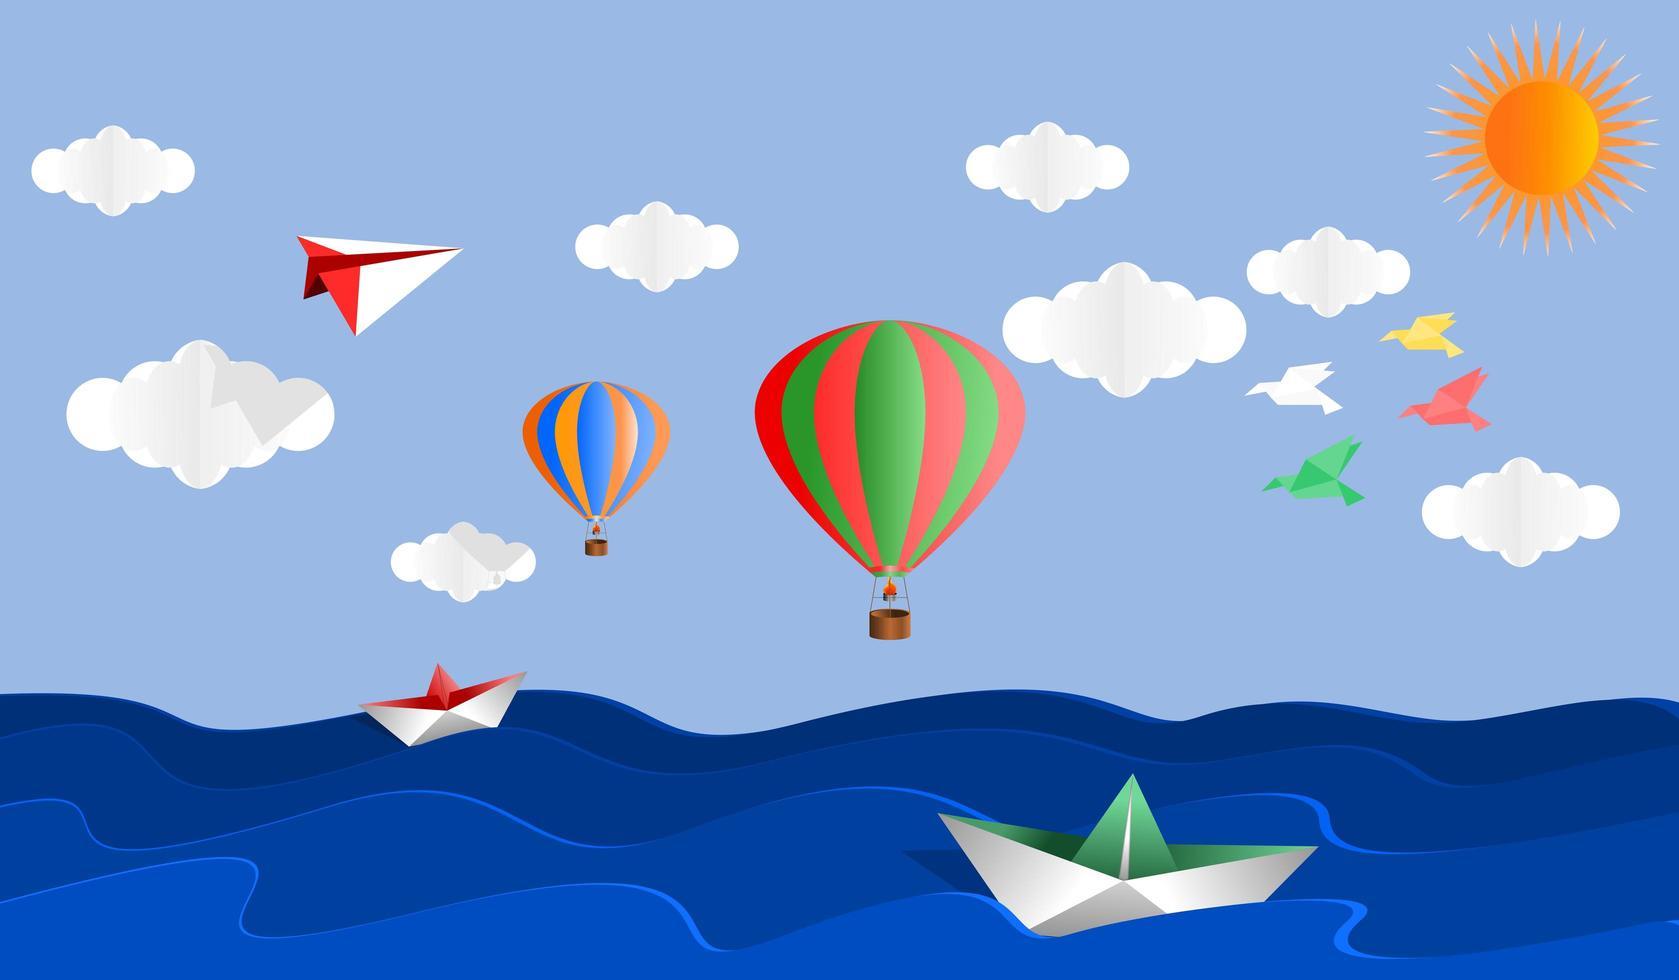 paysage de ballons en papier origami et paysage marin vecteur